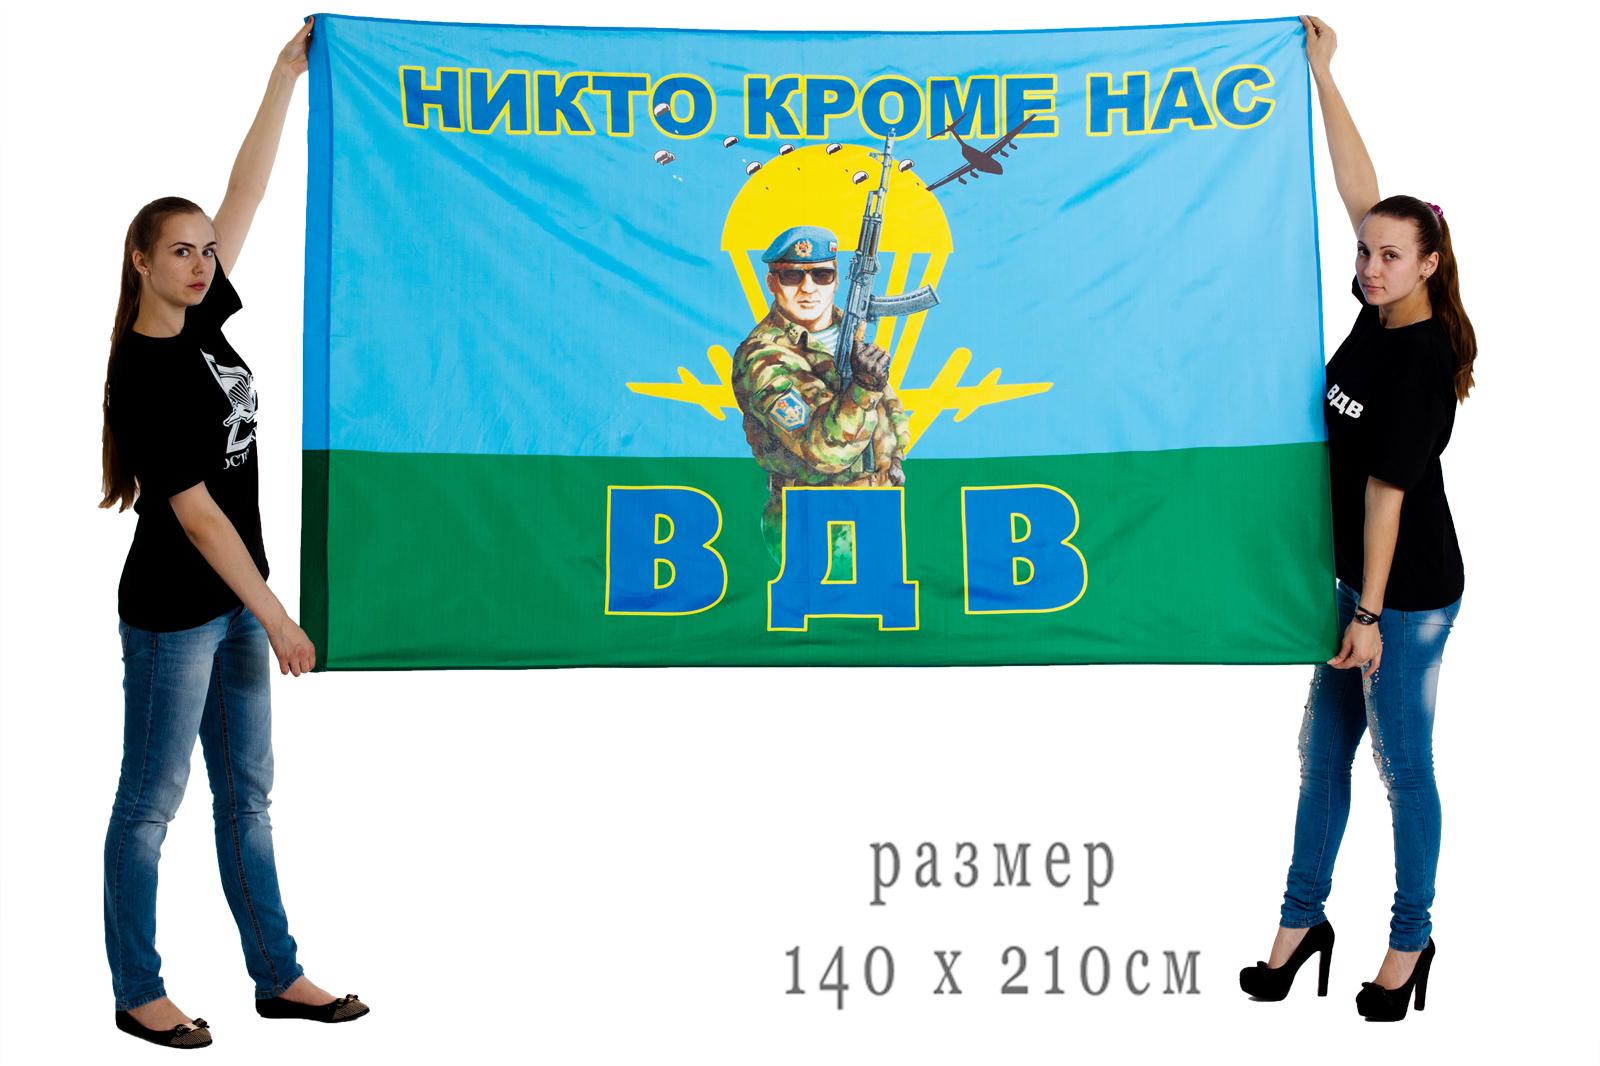 Флаги воздушно-десантных войск оптом и в розницу – продажа в любых количествах